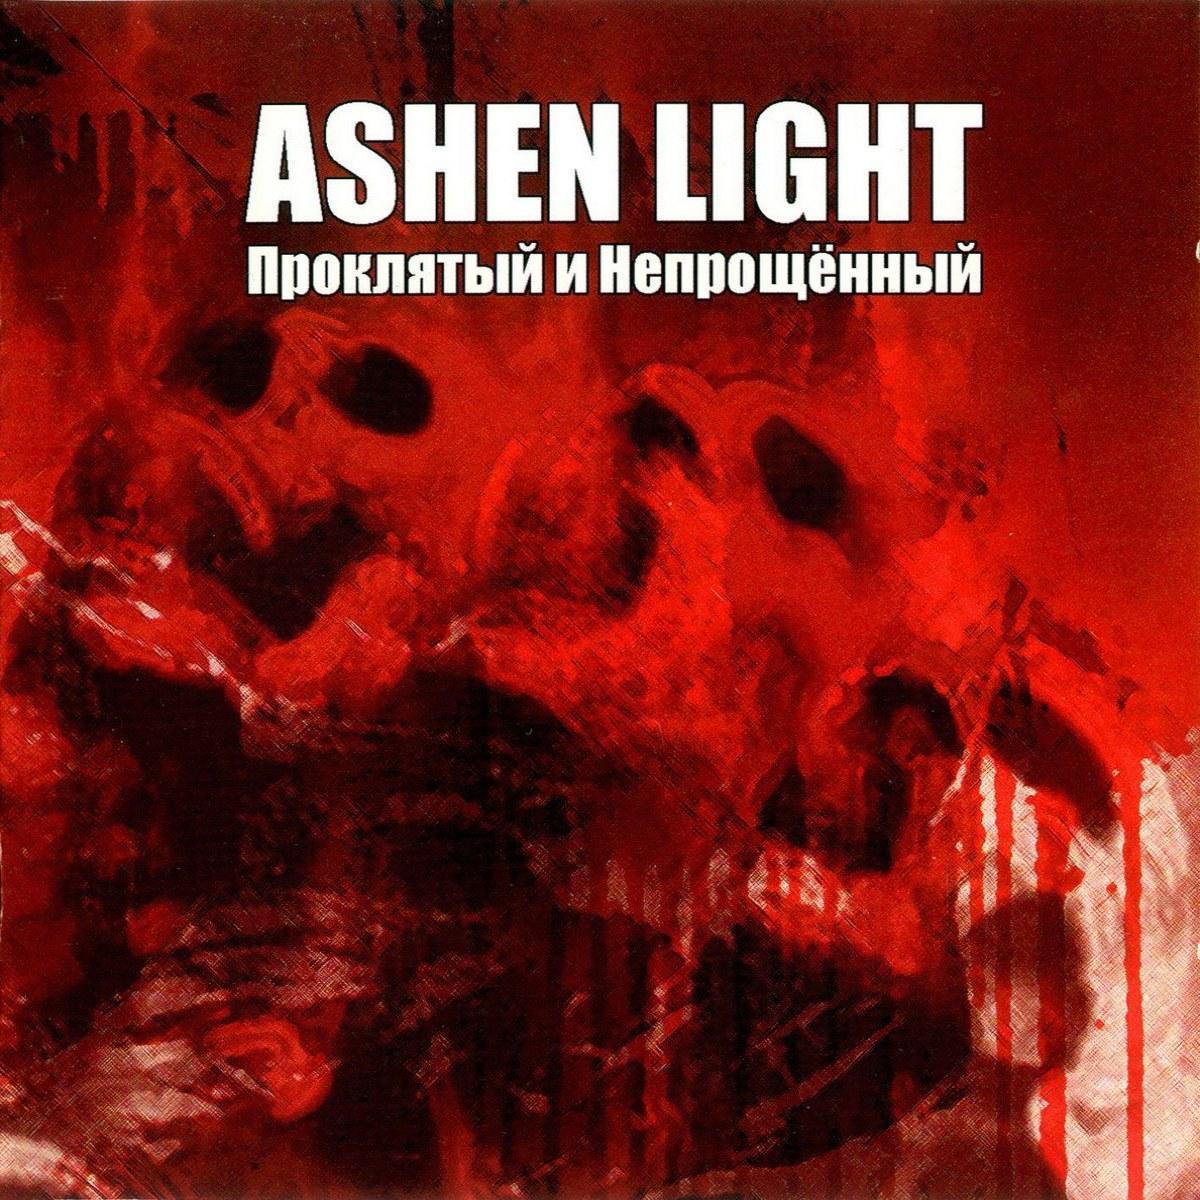 Review for Ashen Light - Проклятый и Непрощённый